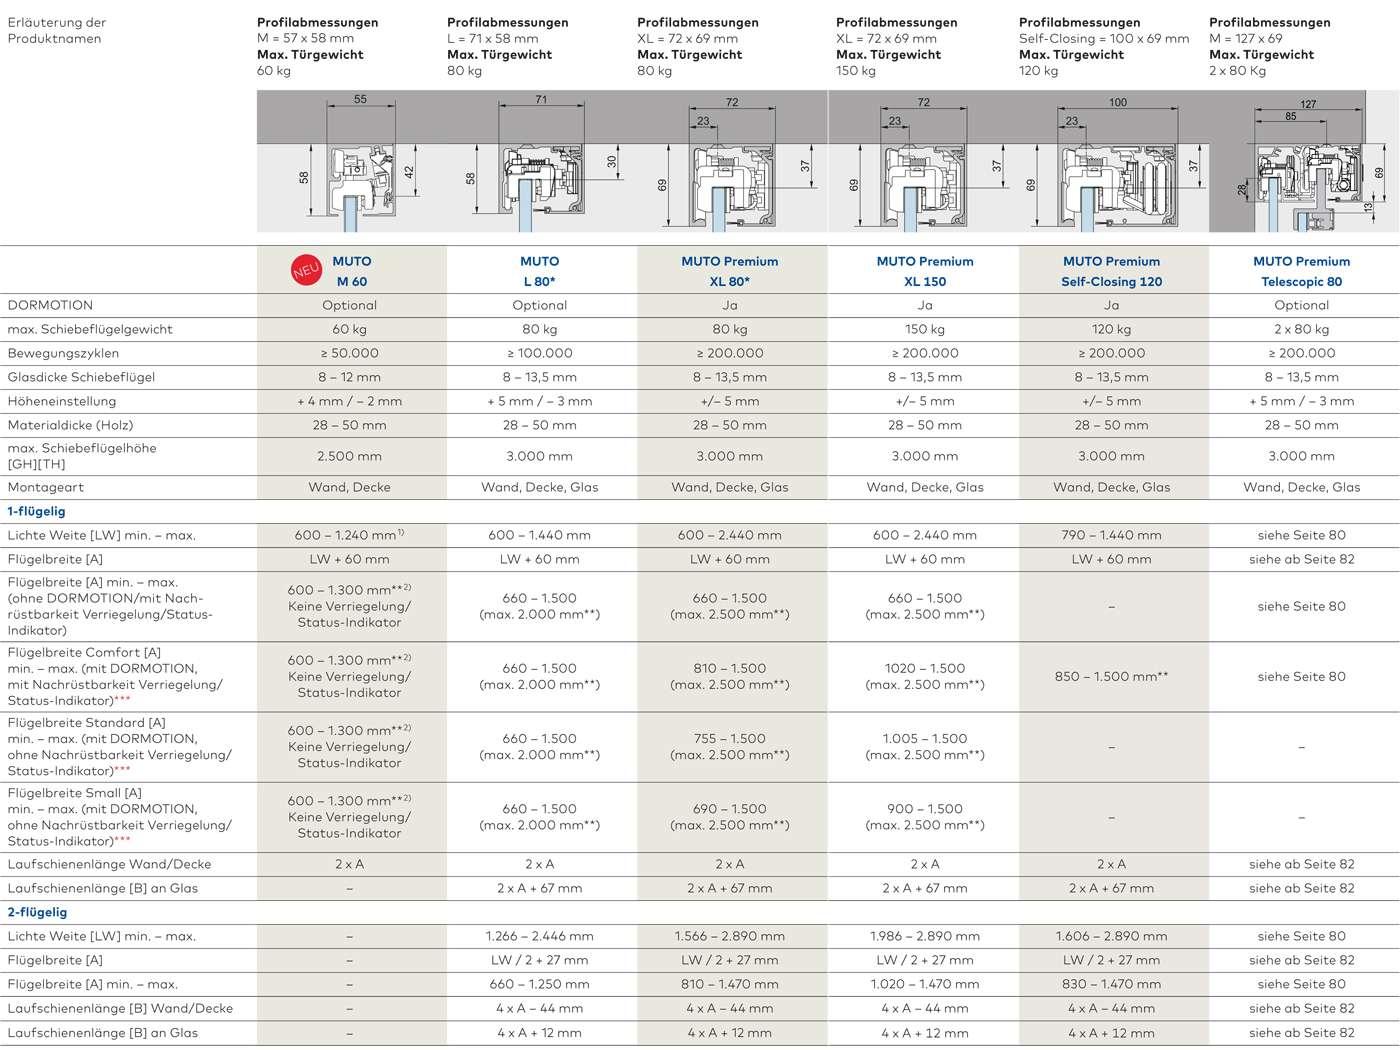 Glasschiebetürsysteme Muto Comfort, Muto Premium, Muto Selfclosing und Muto Telescopic - Daten, Maße, Flügelgrößen, dormakaba - www.ganzglastuere.de